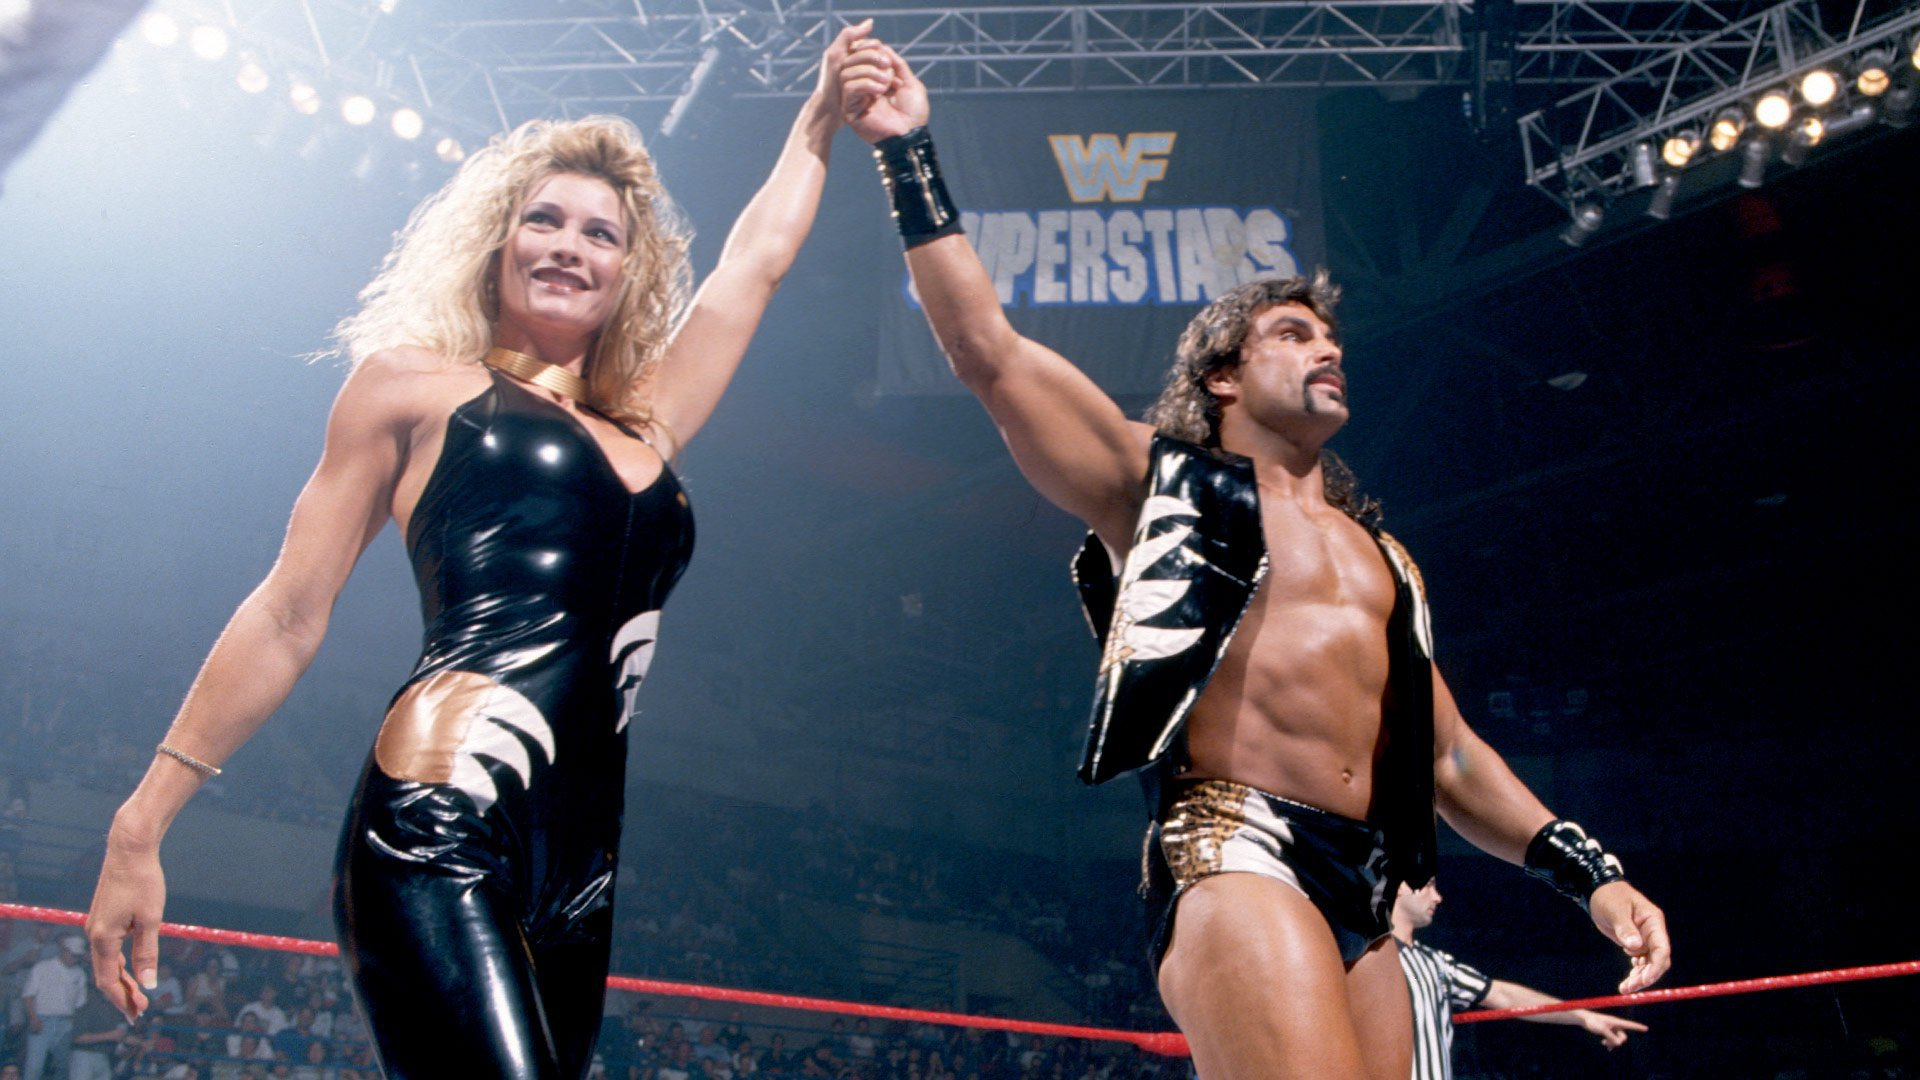 Sable (wrestler) - Alchetron, The Free Social Encyclopedia